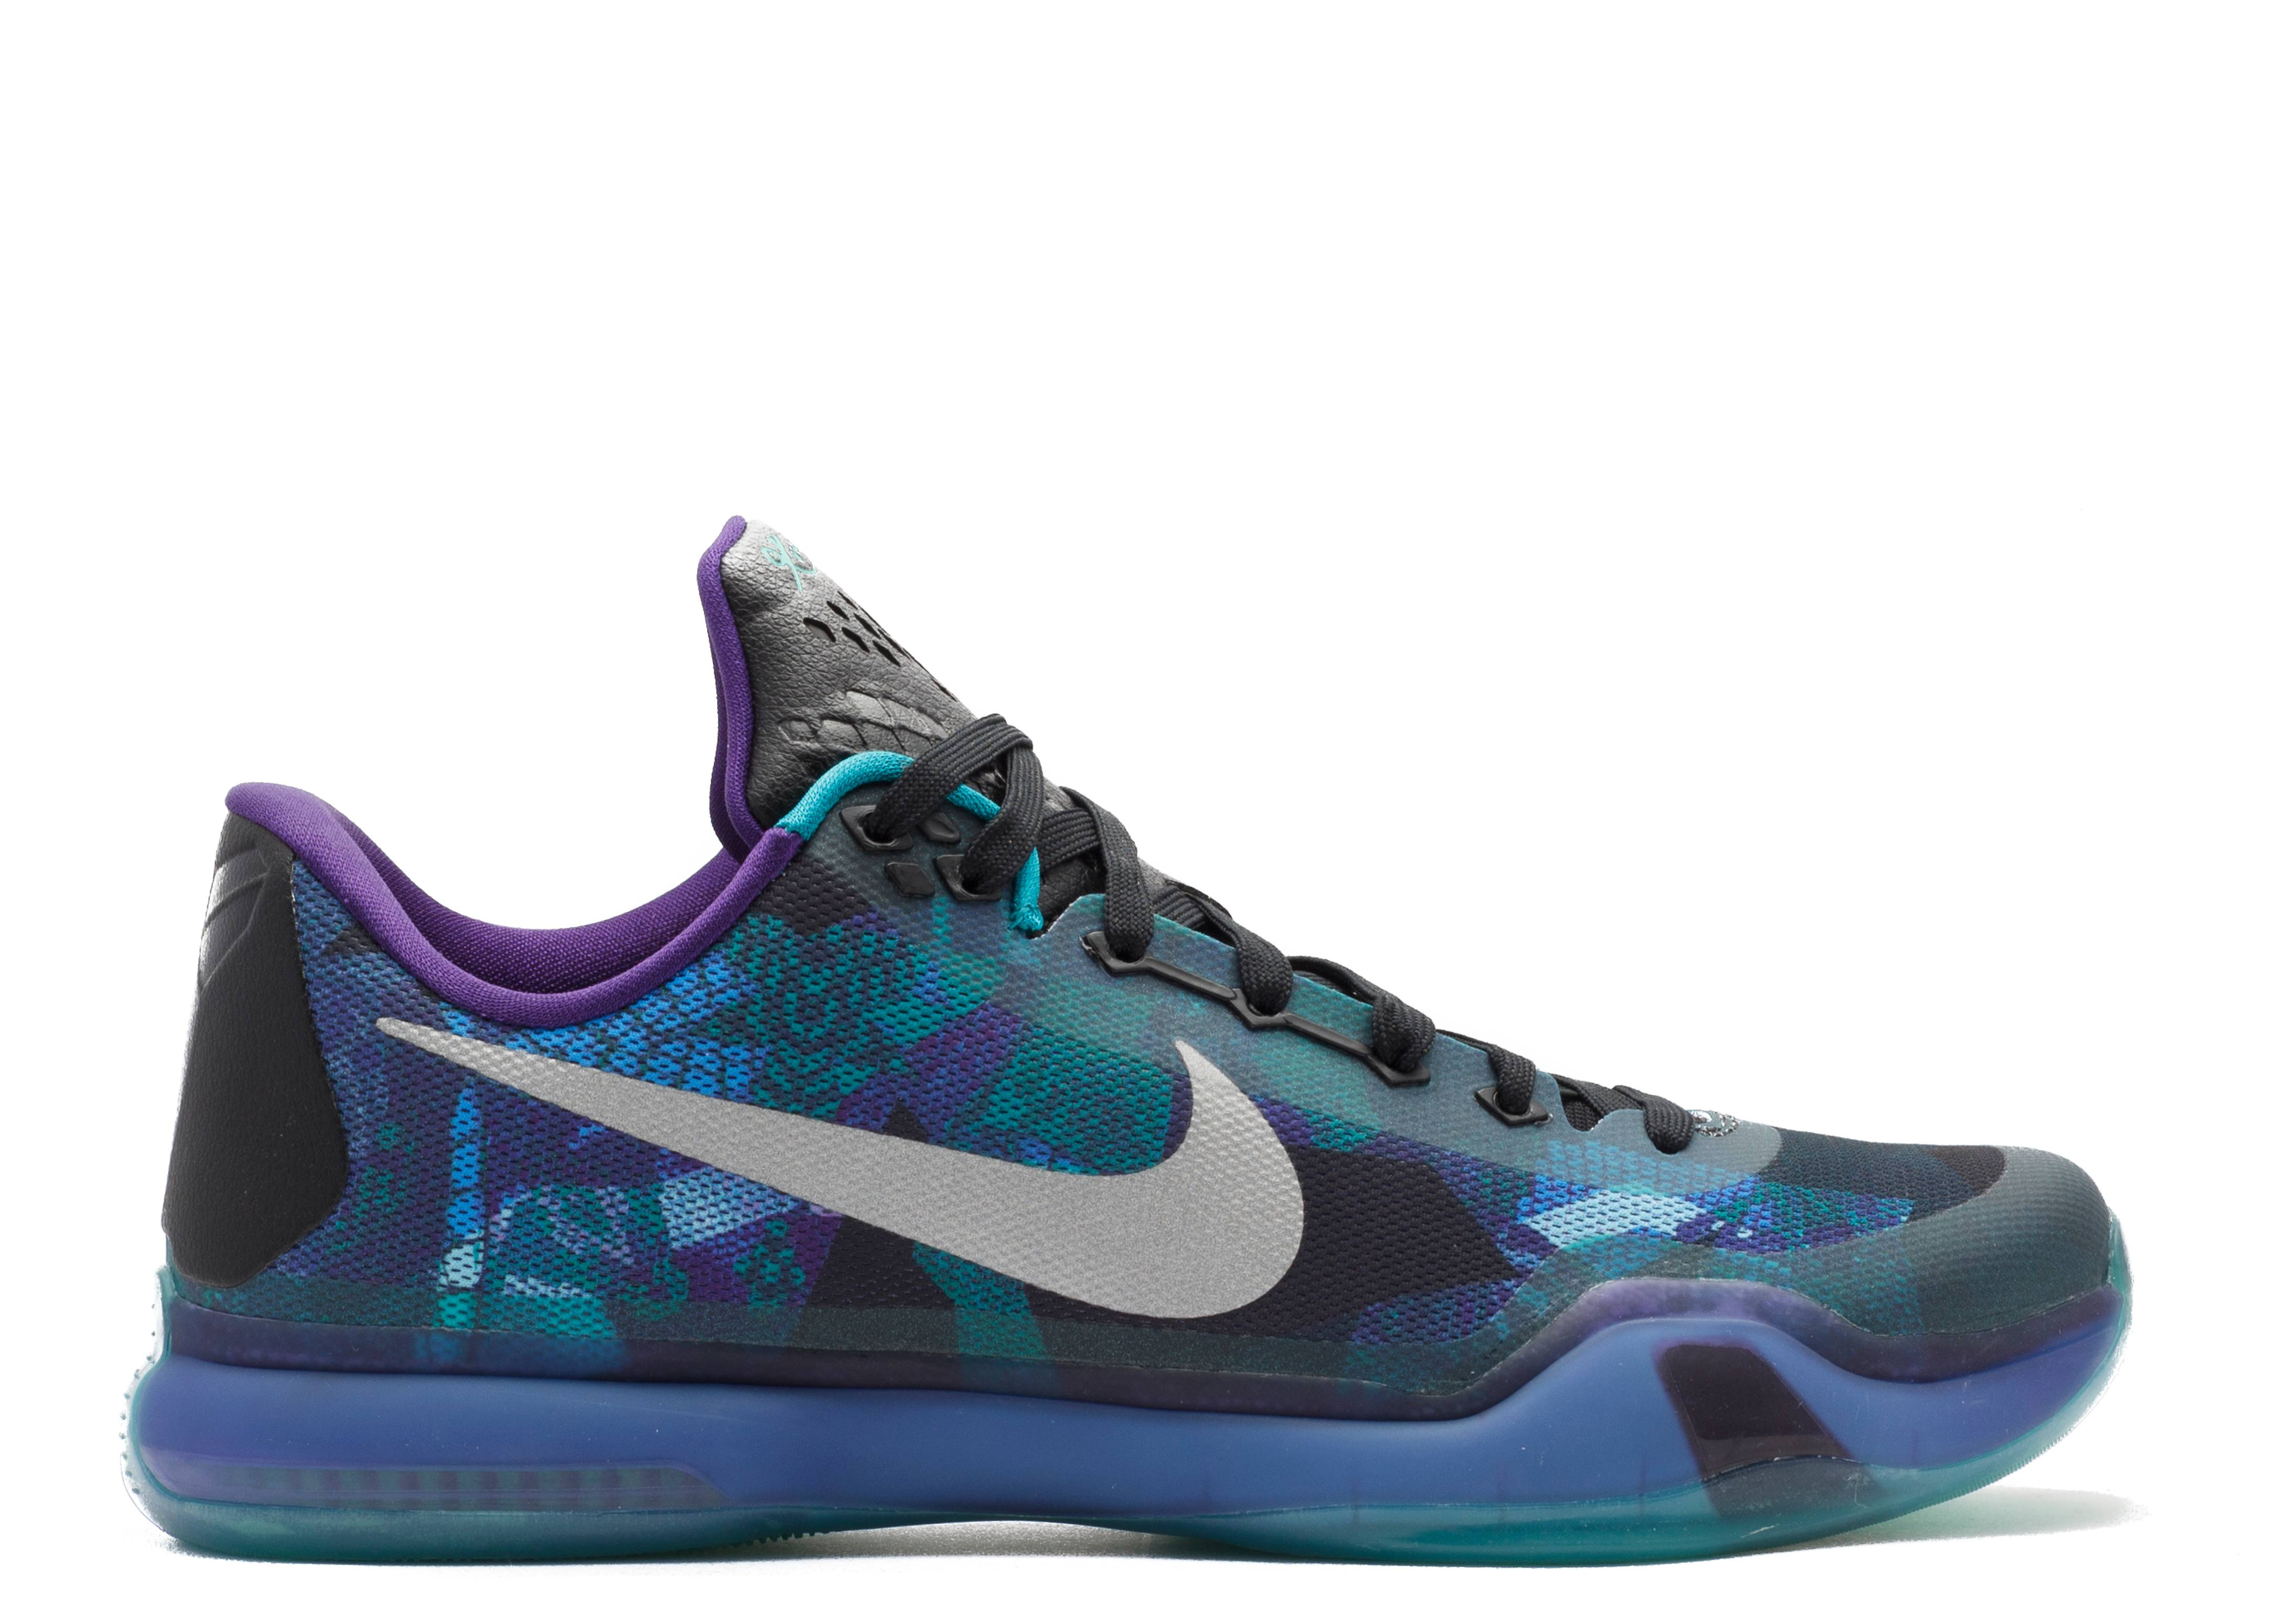 d5b5fe08726f Kobe Bryant - Nike Basketball - Nike